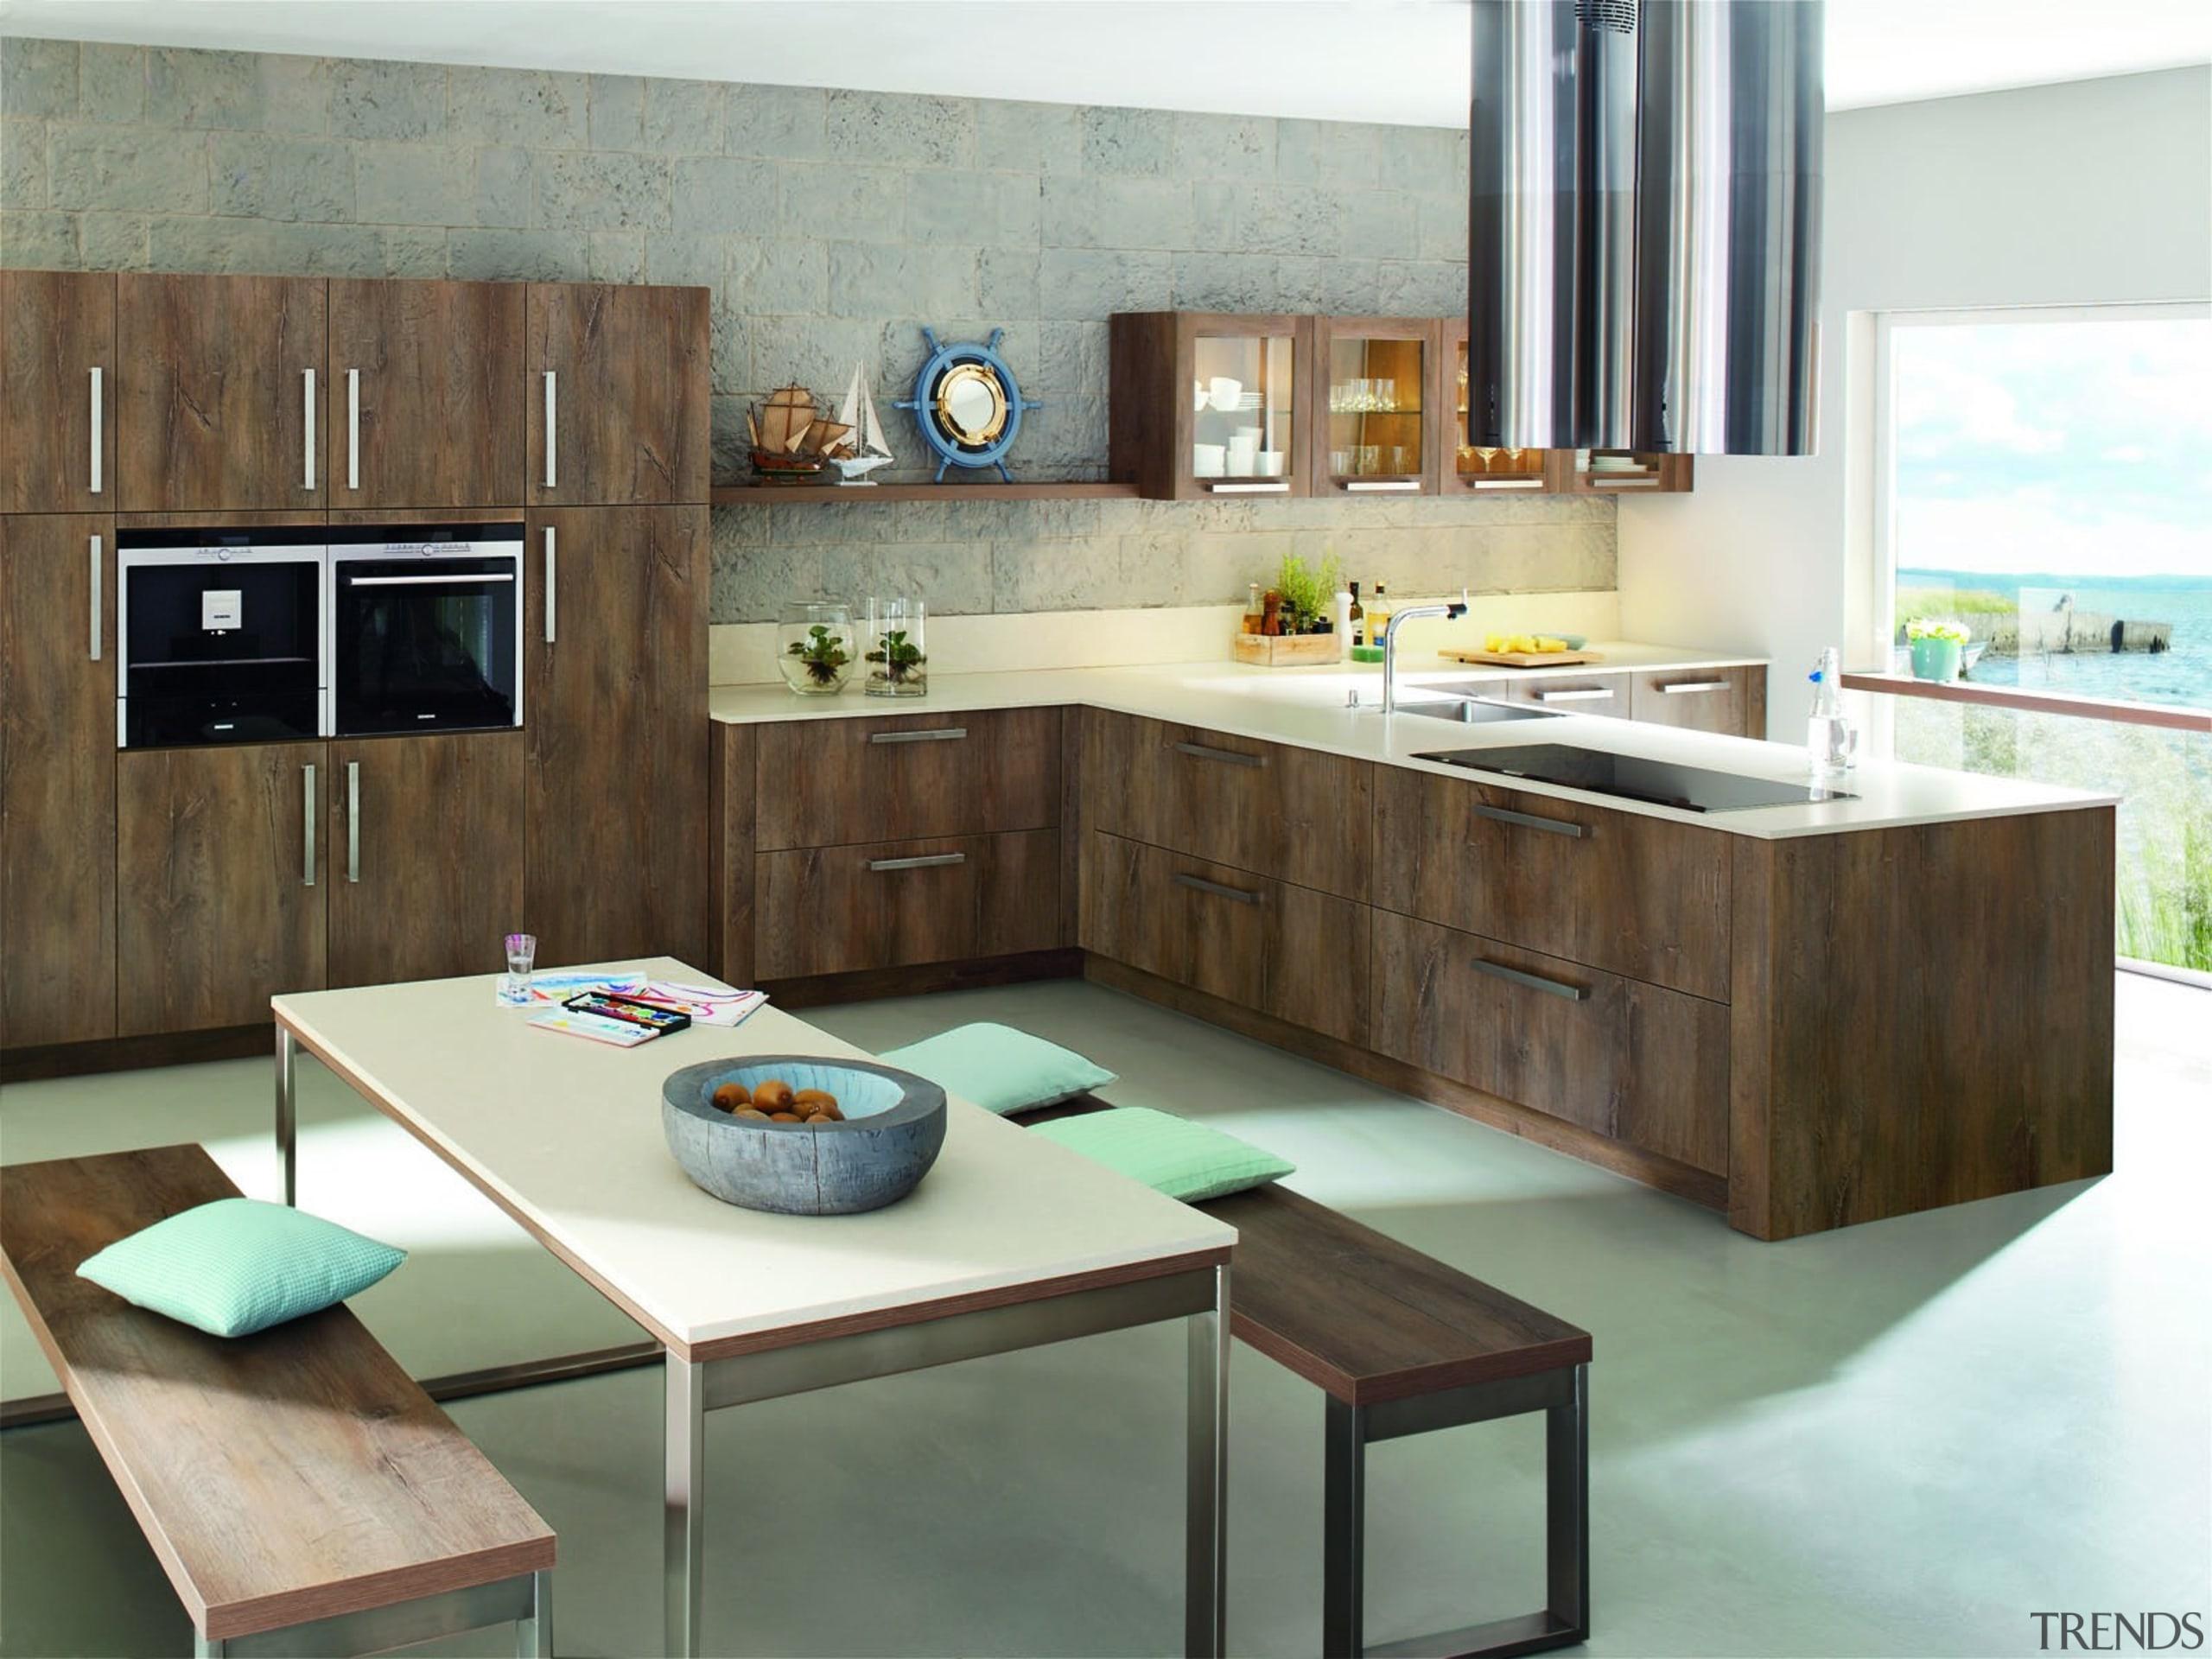 silestone quartz kitchen cocina serie rivers tigris sand countertop, cuisine classique, furniture, interior design, kitchen, product design, room, table, white, brown